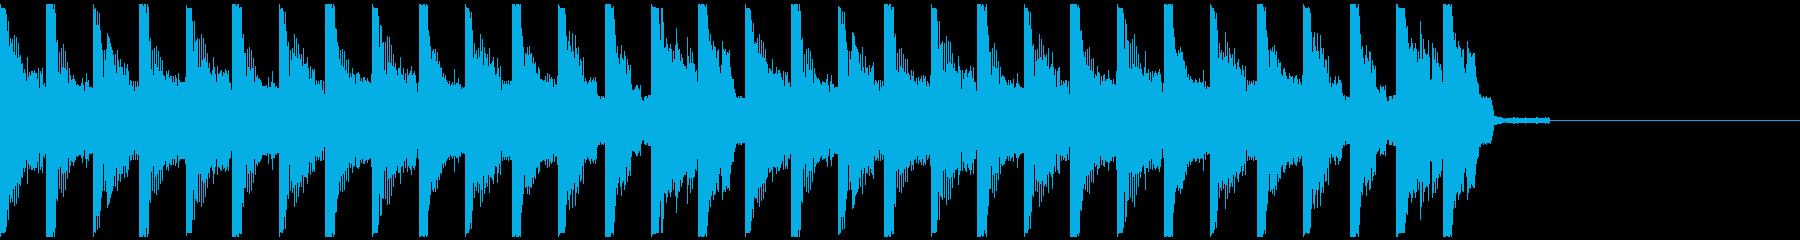 オシャレ・戦闘・スリリングEDM、⑥の再生済みの波形